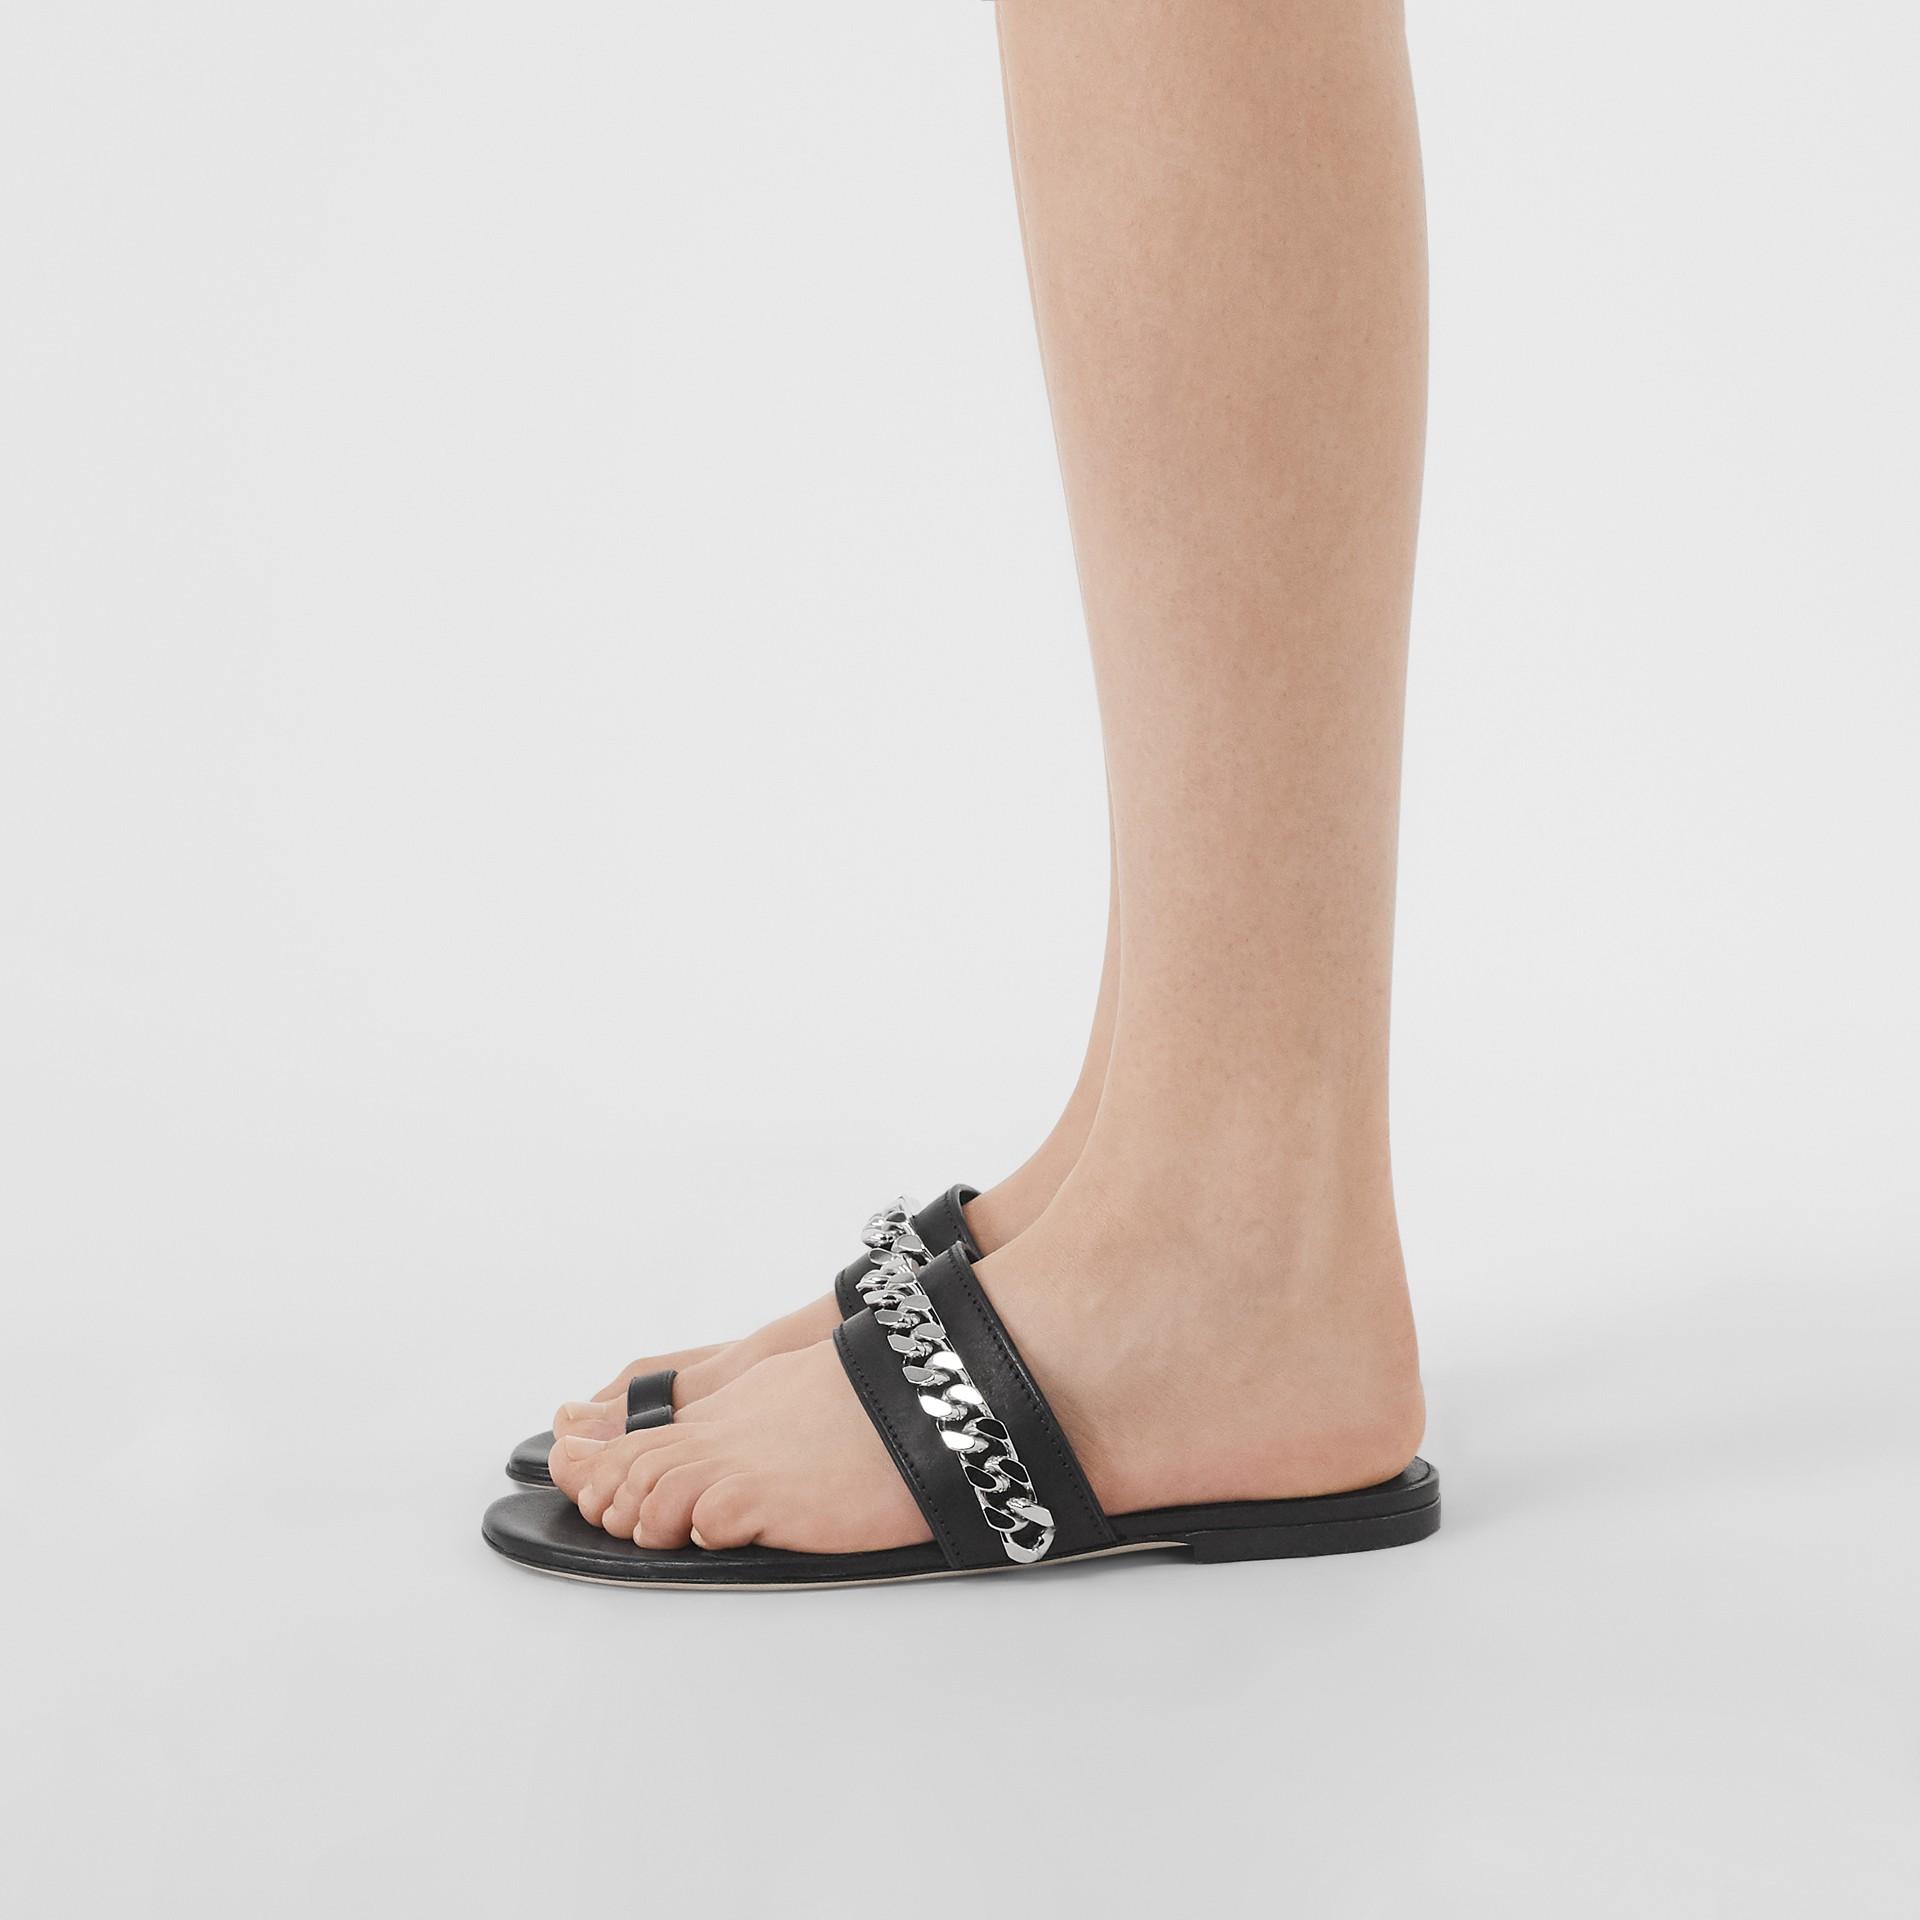 鍊飾細節設計皮革涼鞋 (黑色) - 女款 | Burberry - 圖庫照片 2